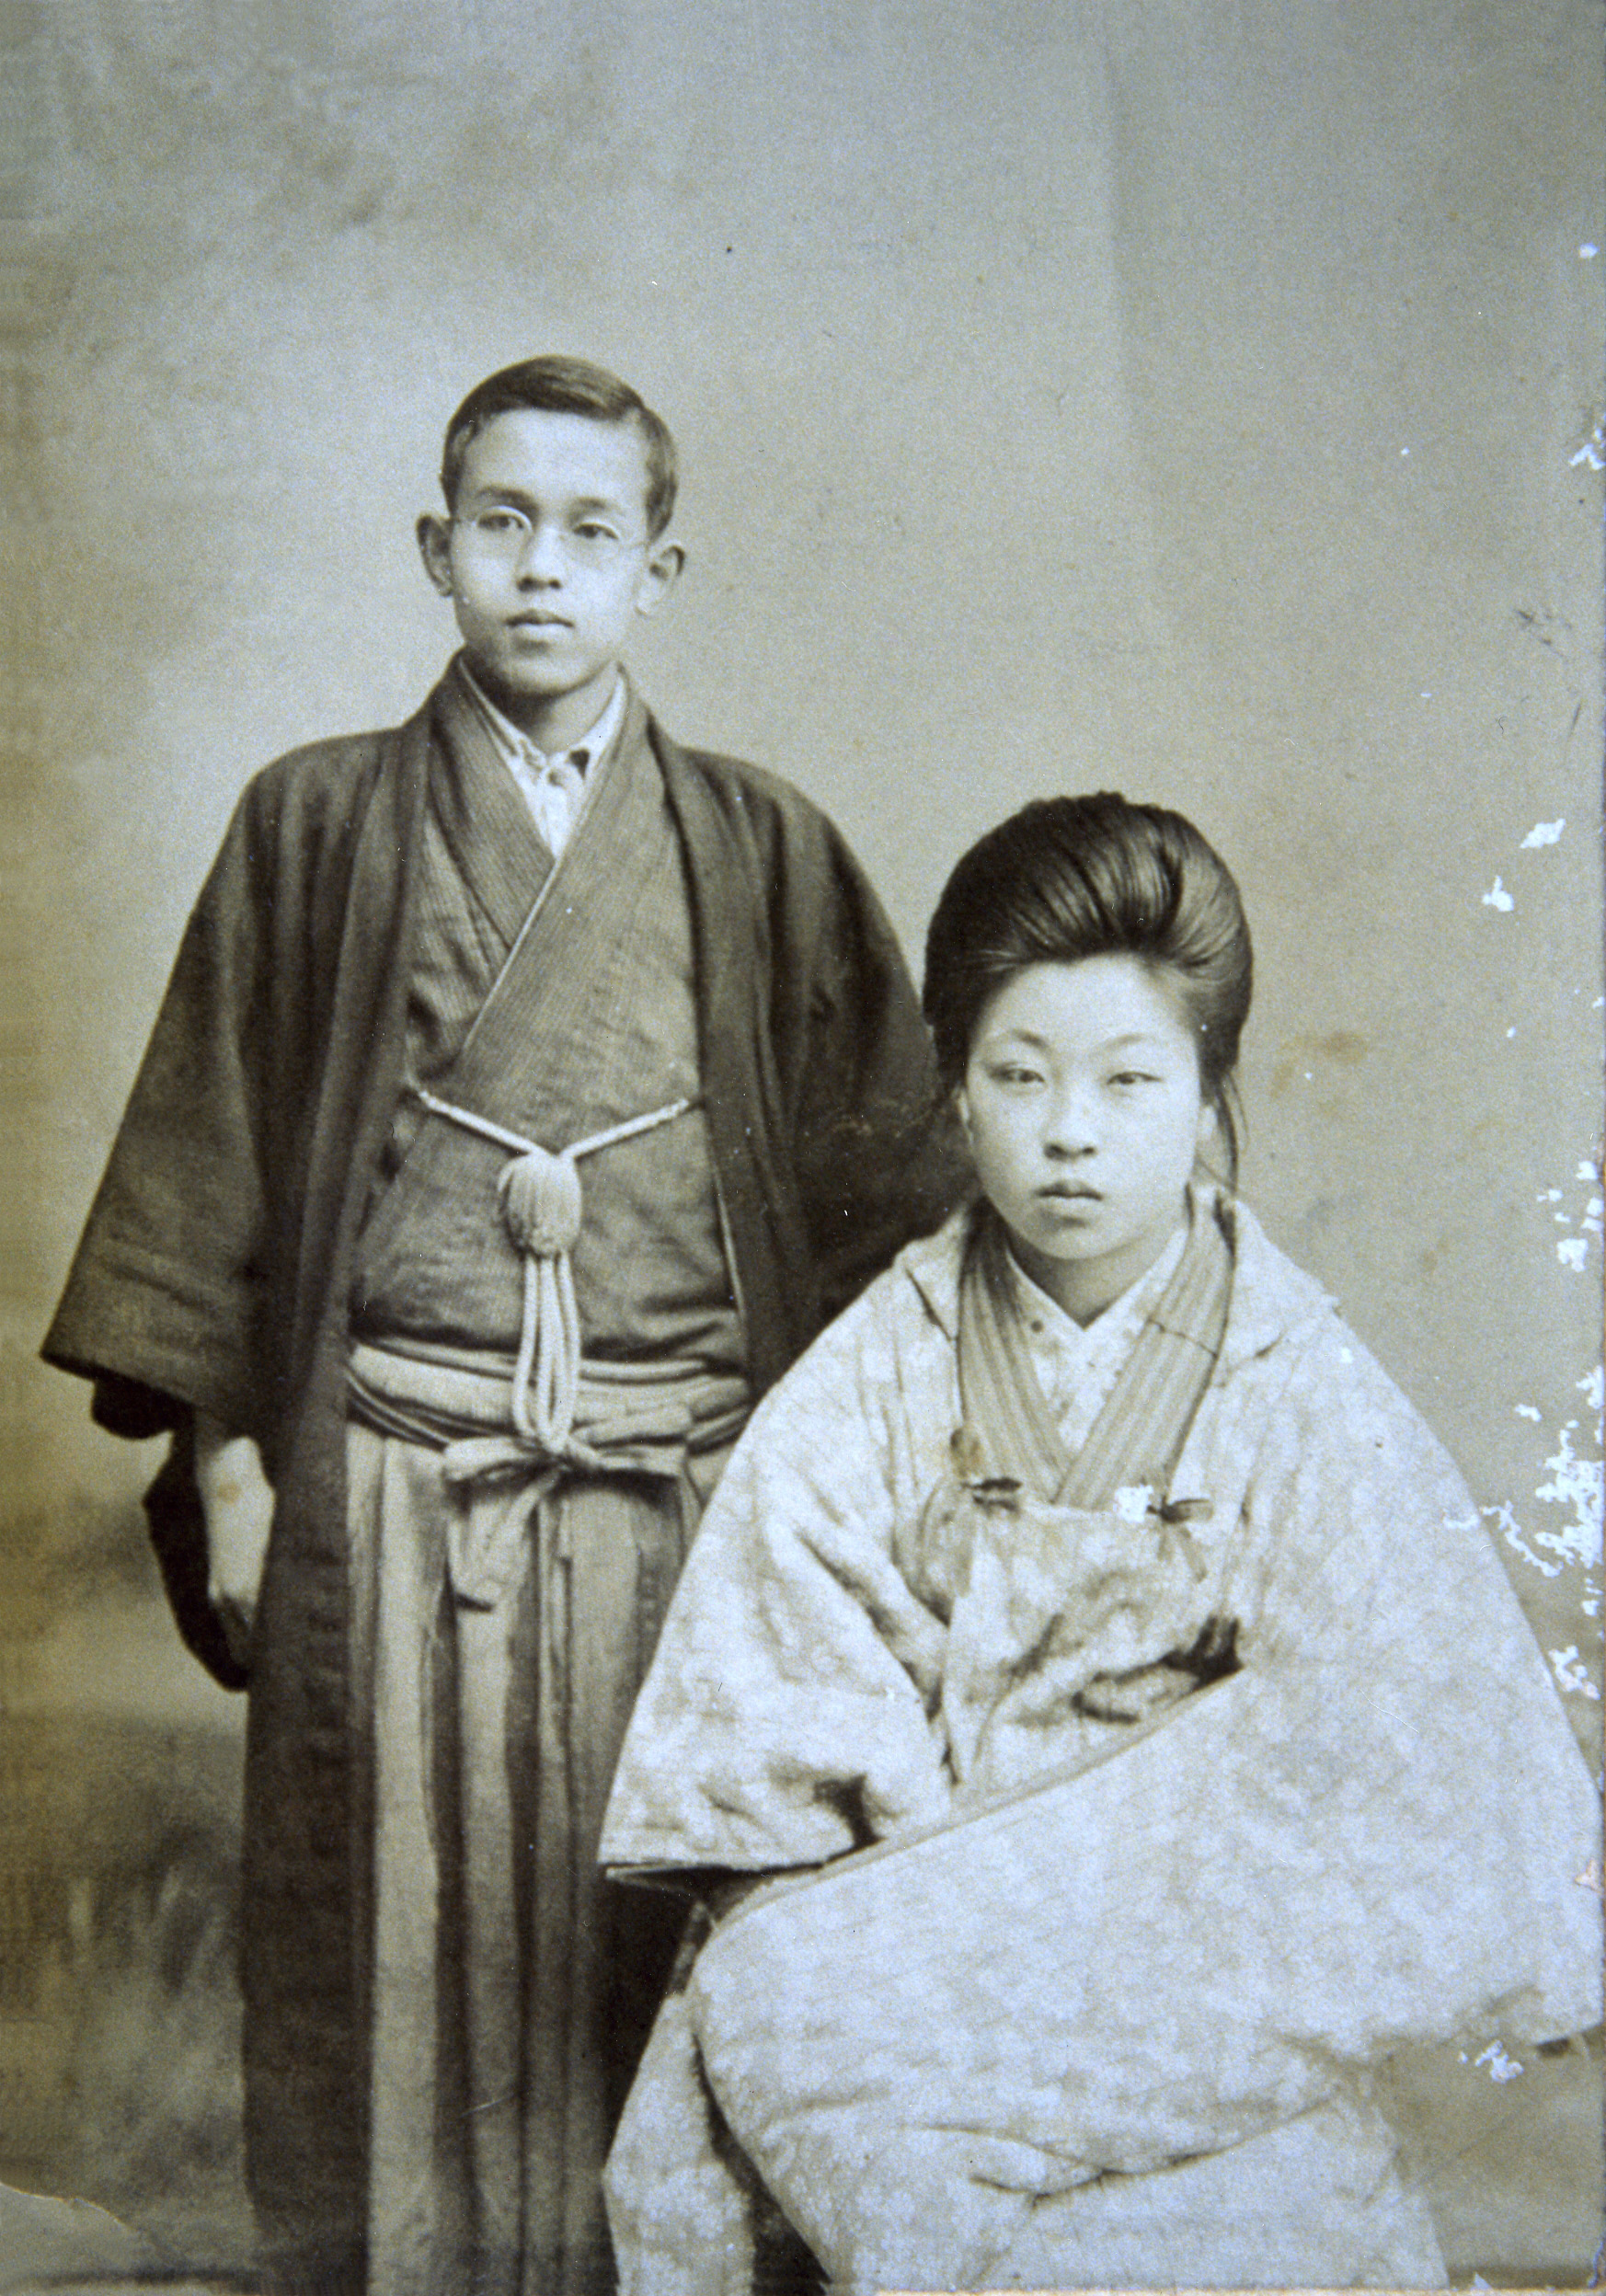 Takuboku Ishikawa and wife, Setsuko